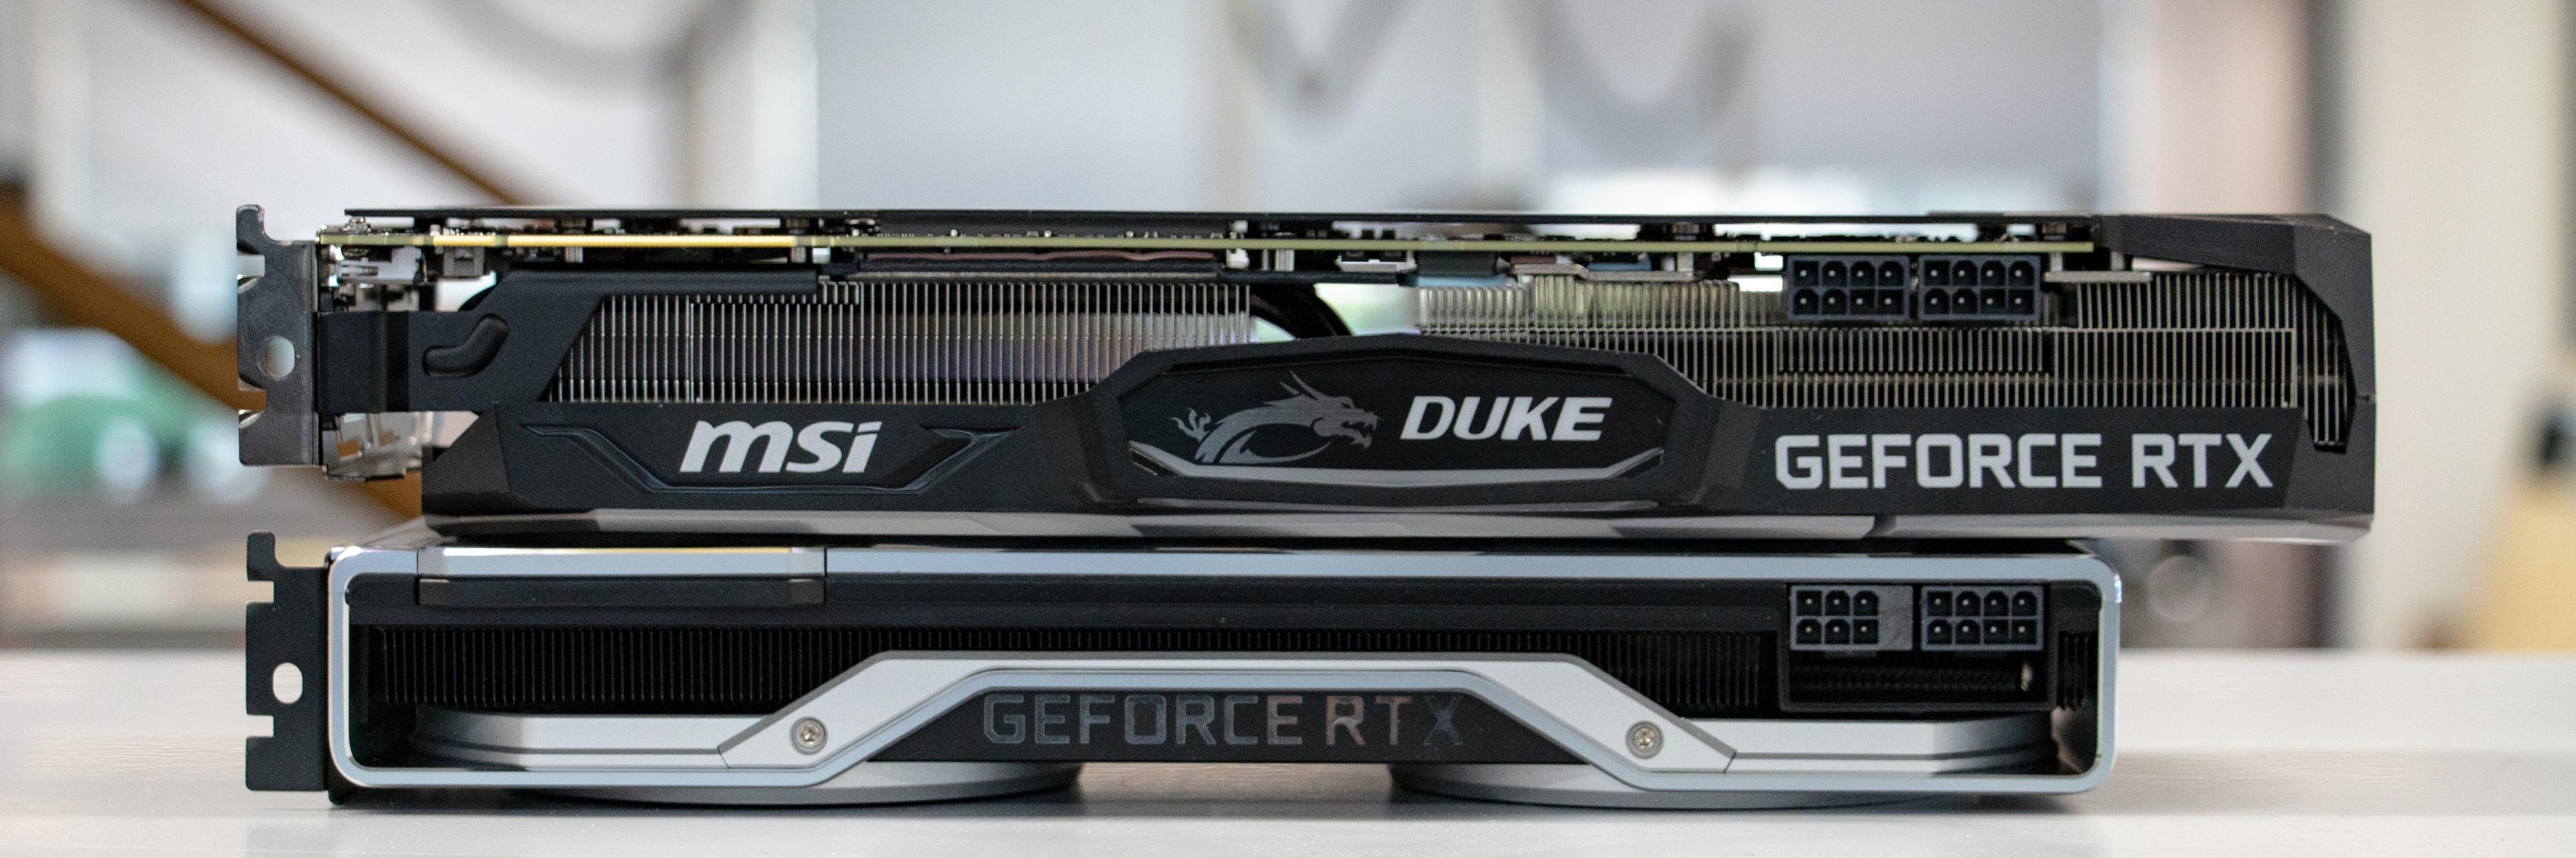 Duke OC er feit for en grunn. Kortet tilbyr overlegen kjøling og lasttemperatur over Nvidias Fe-kort.